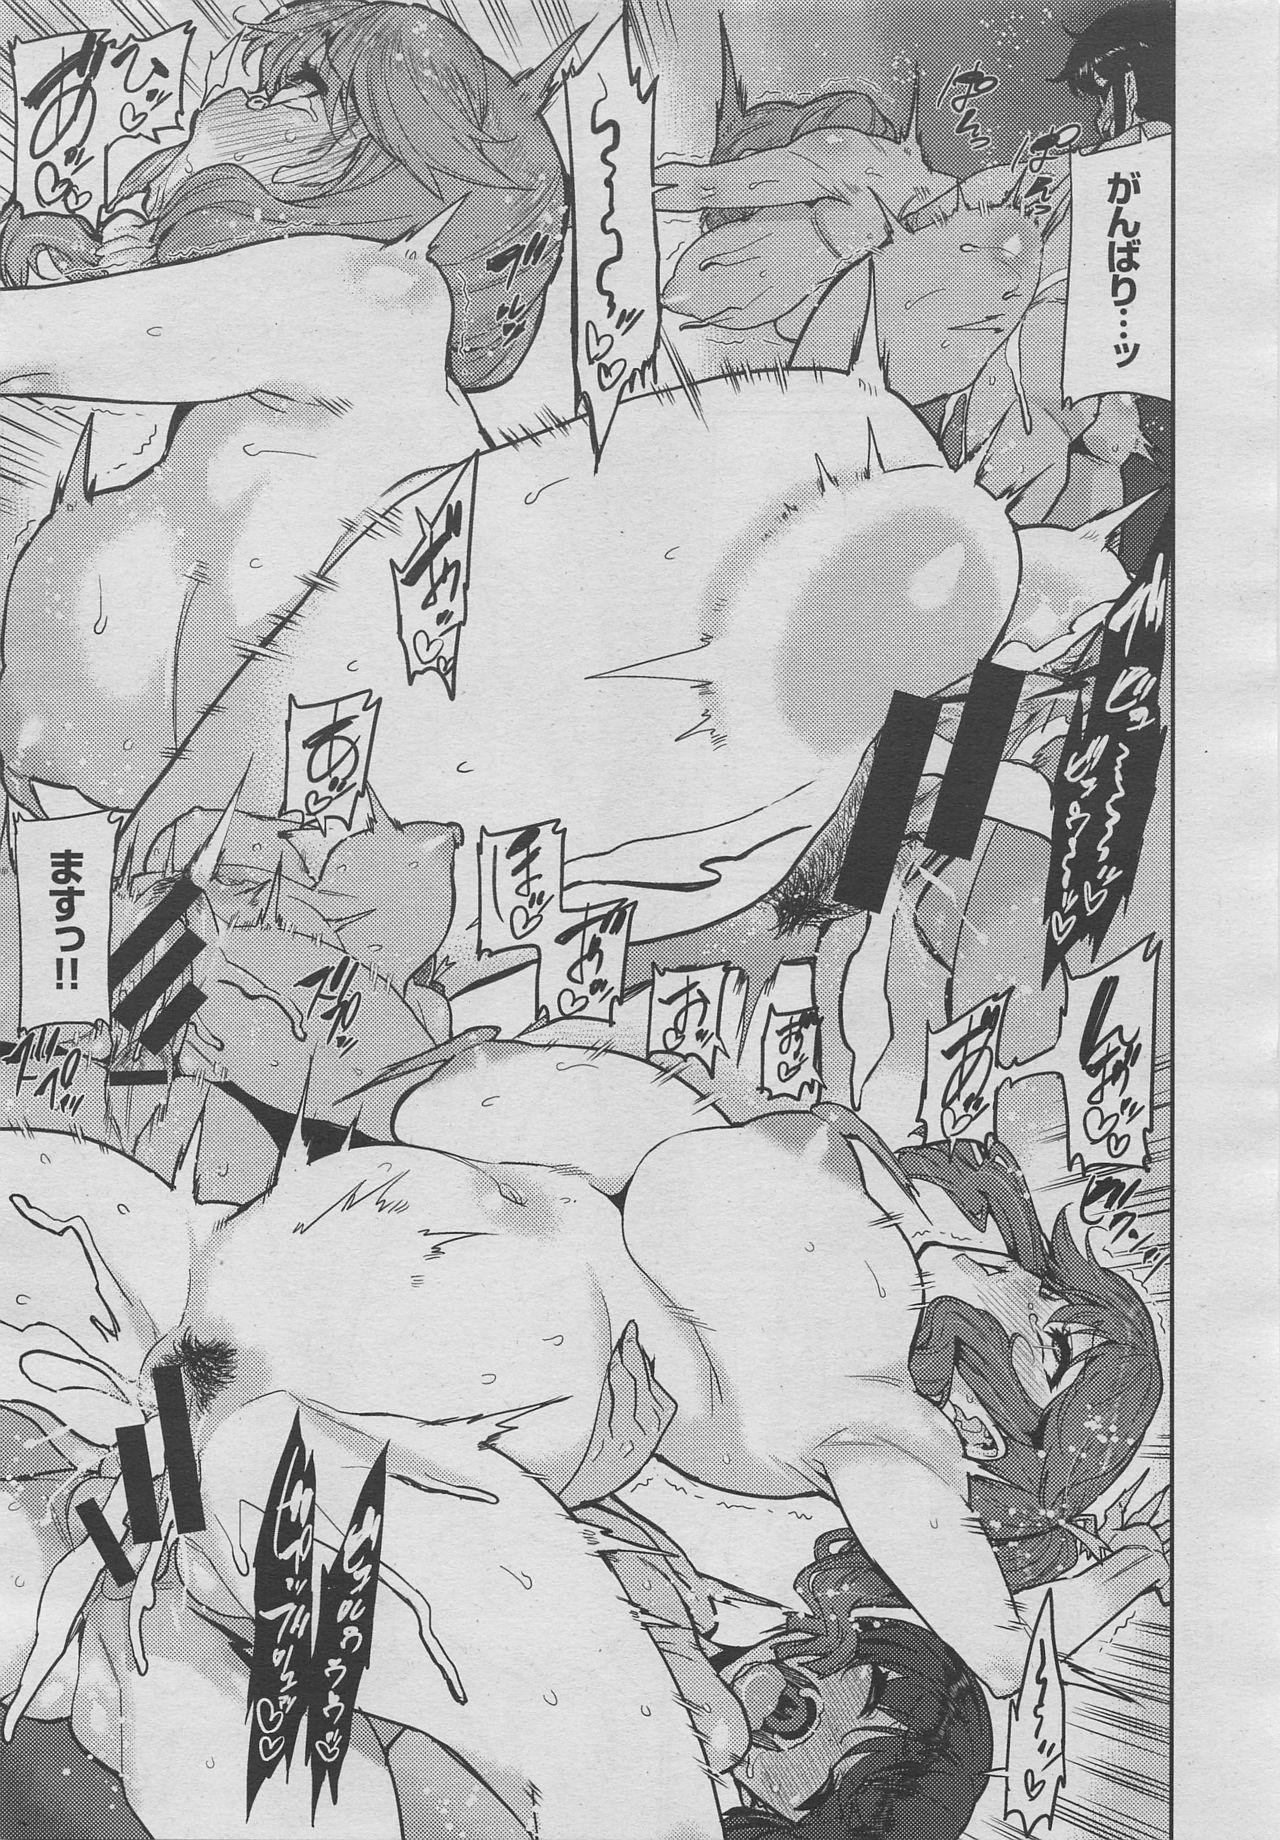 COMIC X-EROS #70 96